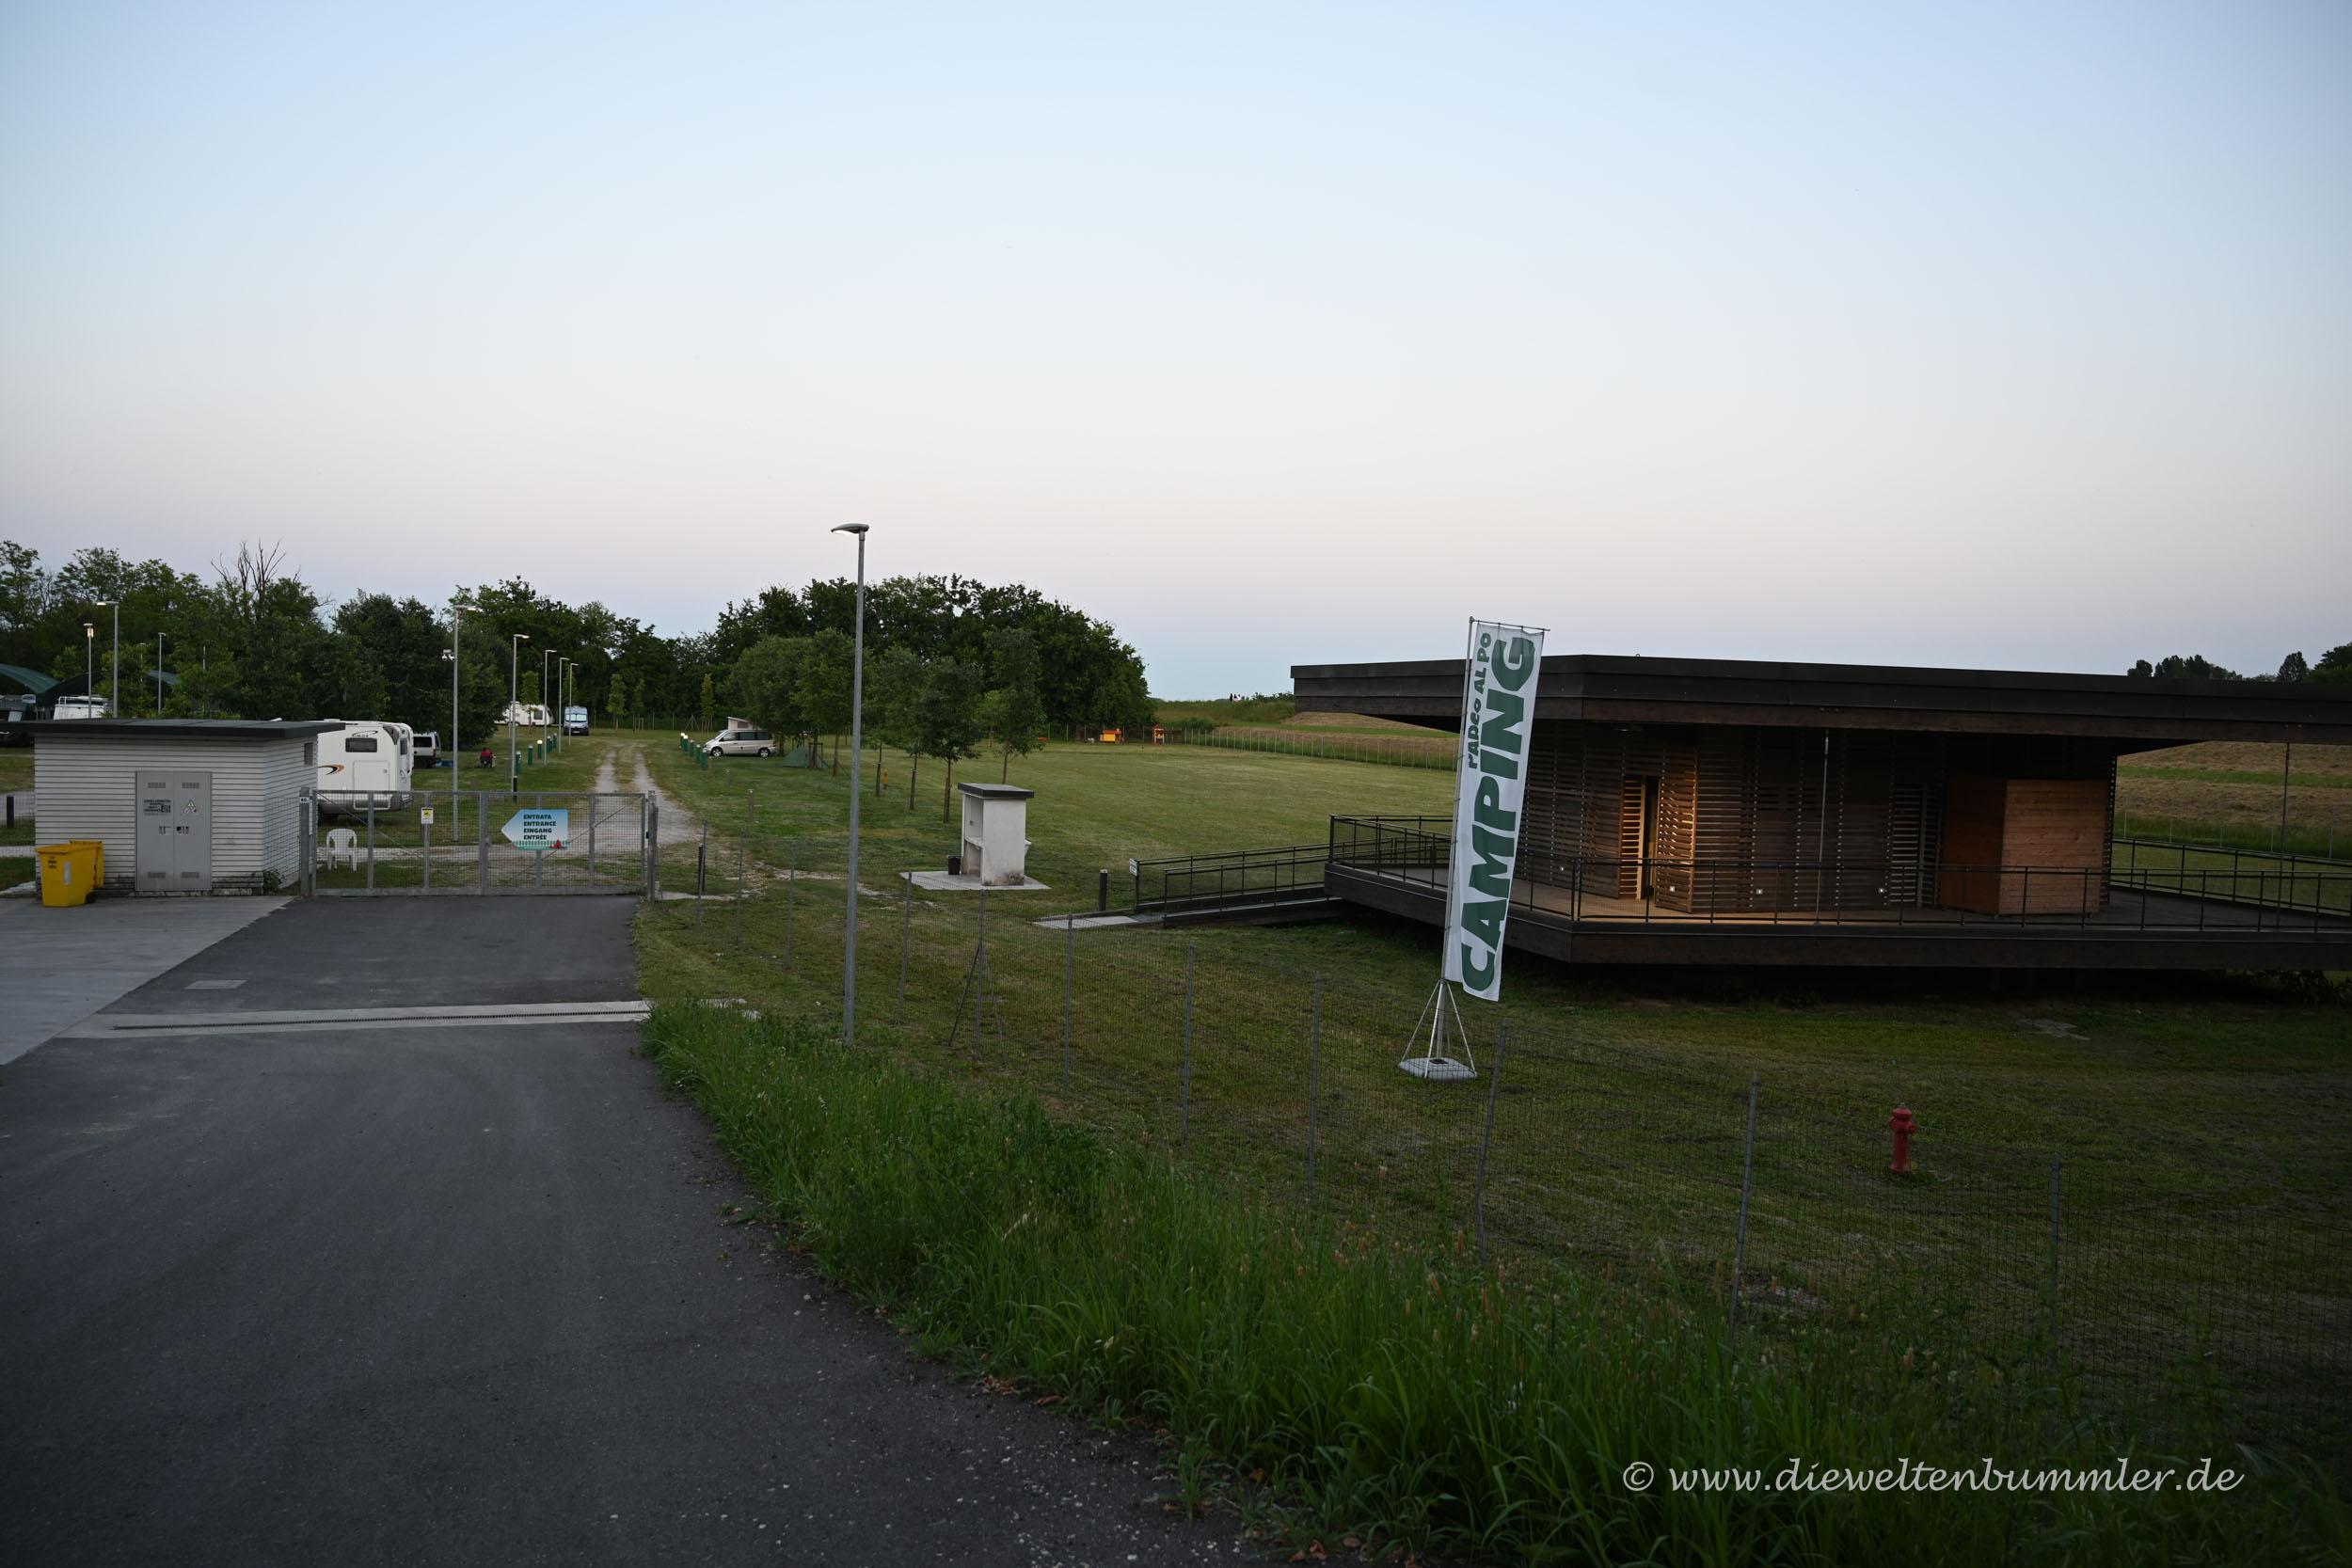 Stellplatz mit Sanitärgebäude